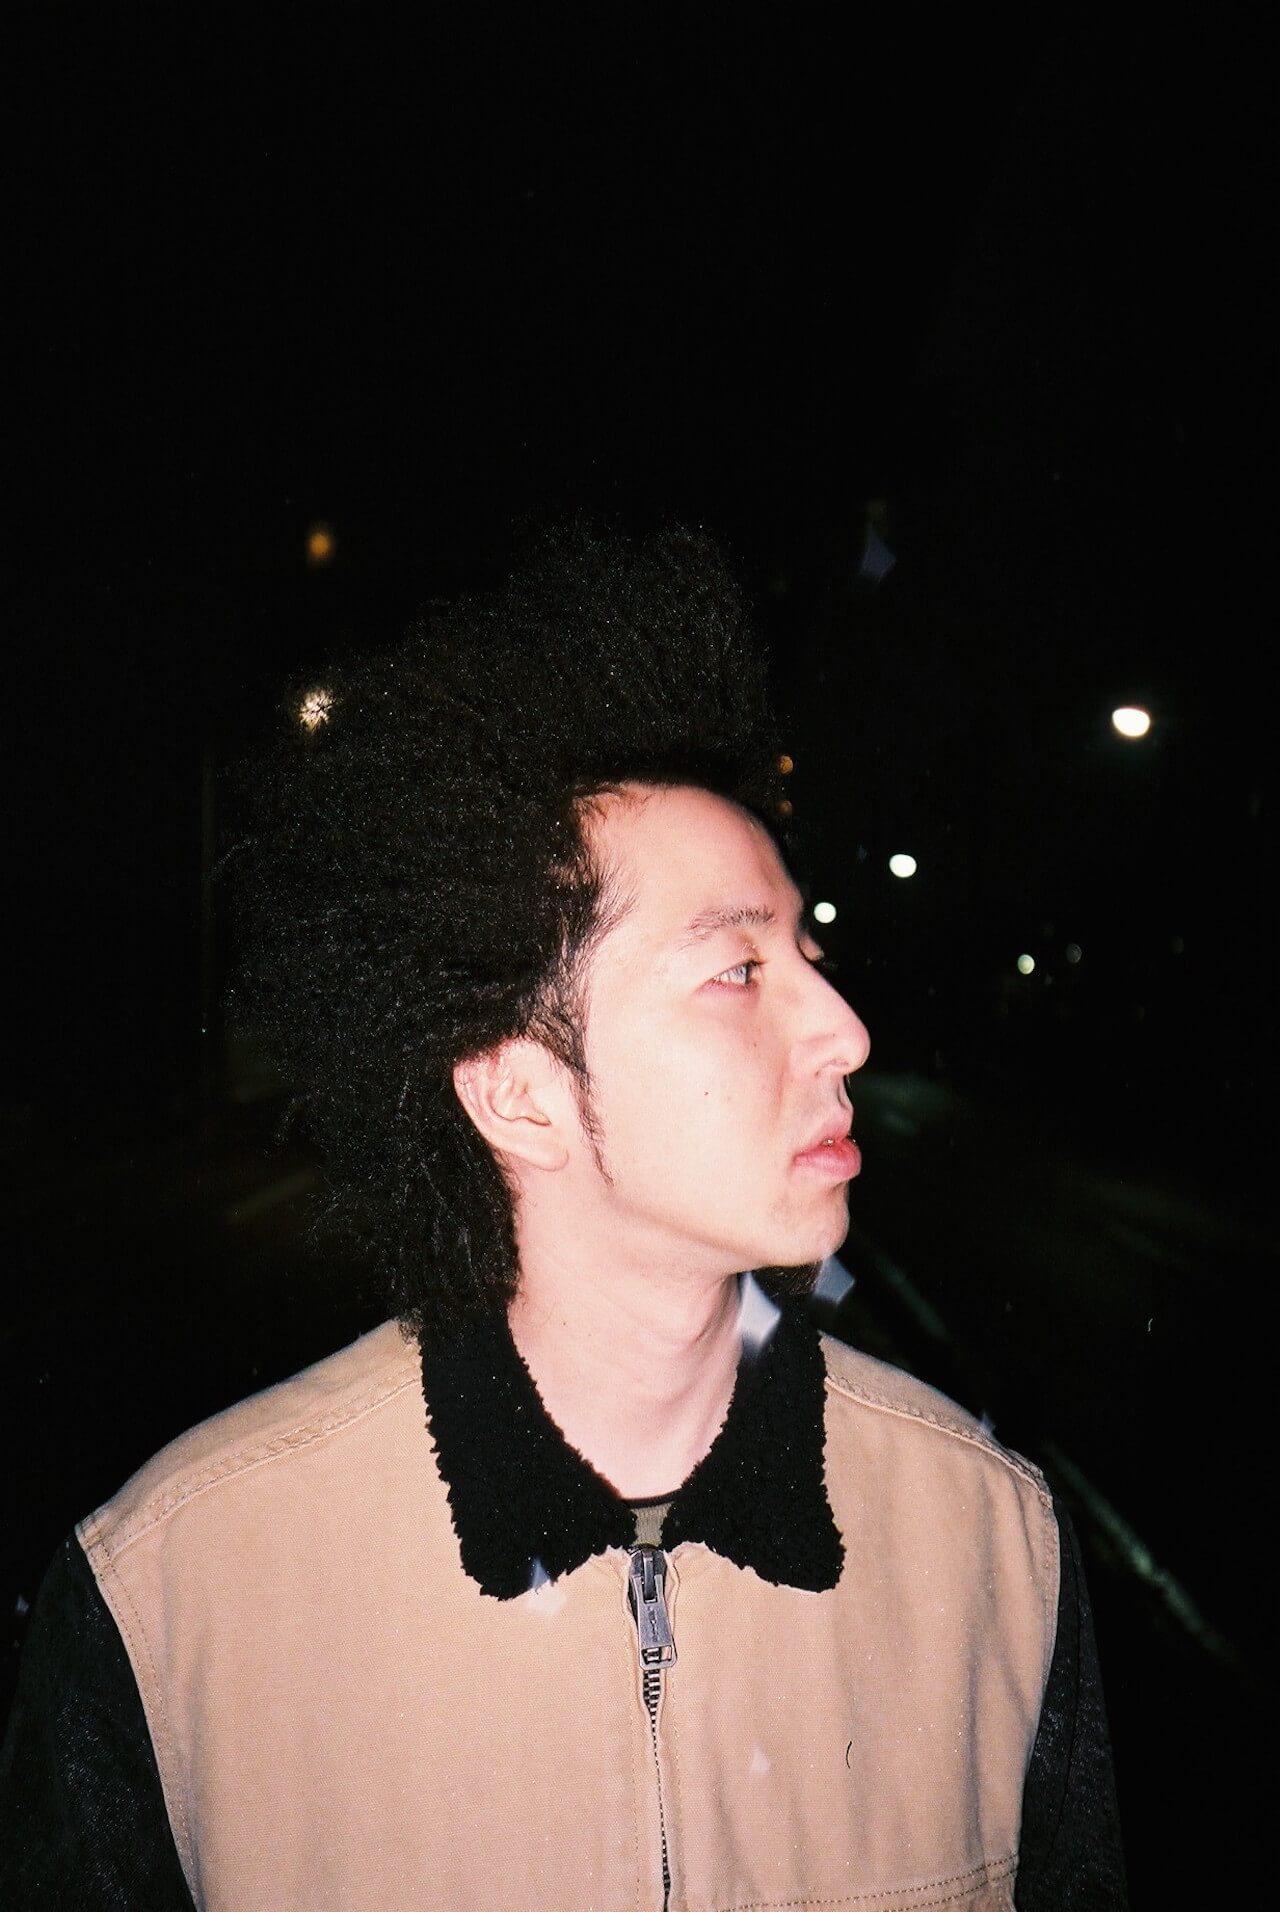 ビート・シーンを牽引するAru-2がリミックスアルバム『Bootleg Flowers』をリリース デジタル配信の売り上げはCLUB、BAR、ライブハウス等のイベント会場に全額寄付 music200409-aru2-2